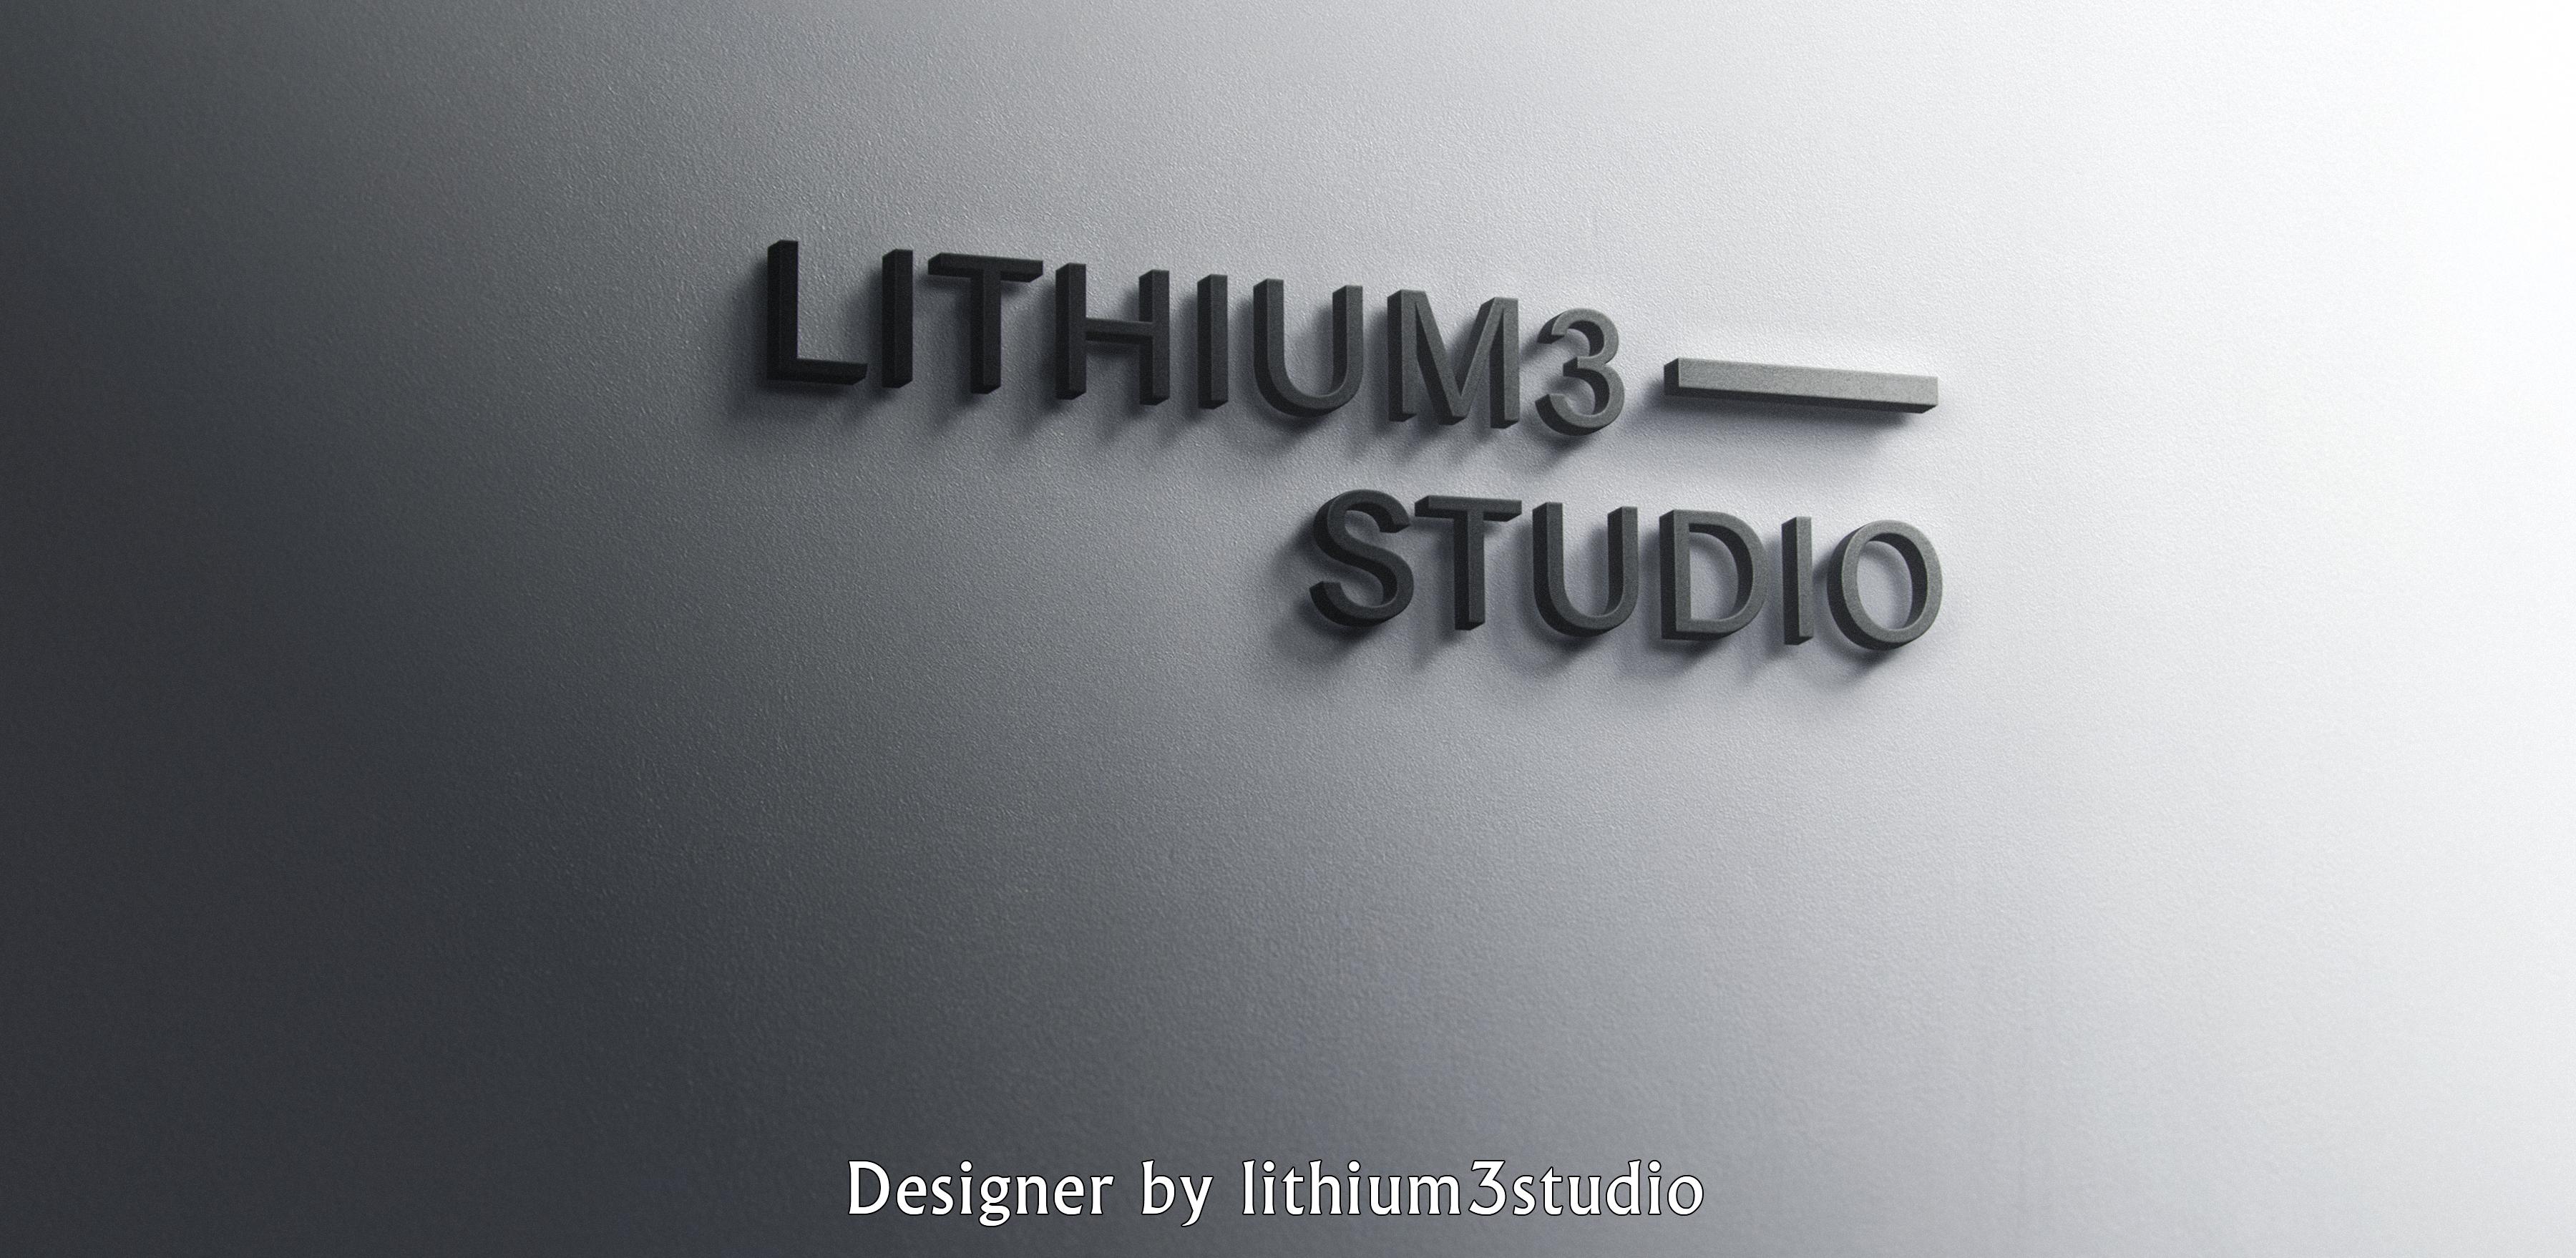 lithium3studio Logo